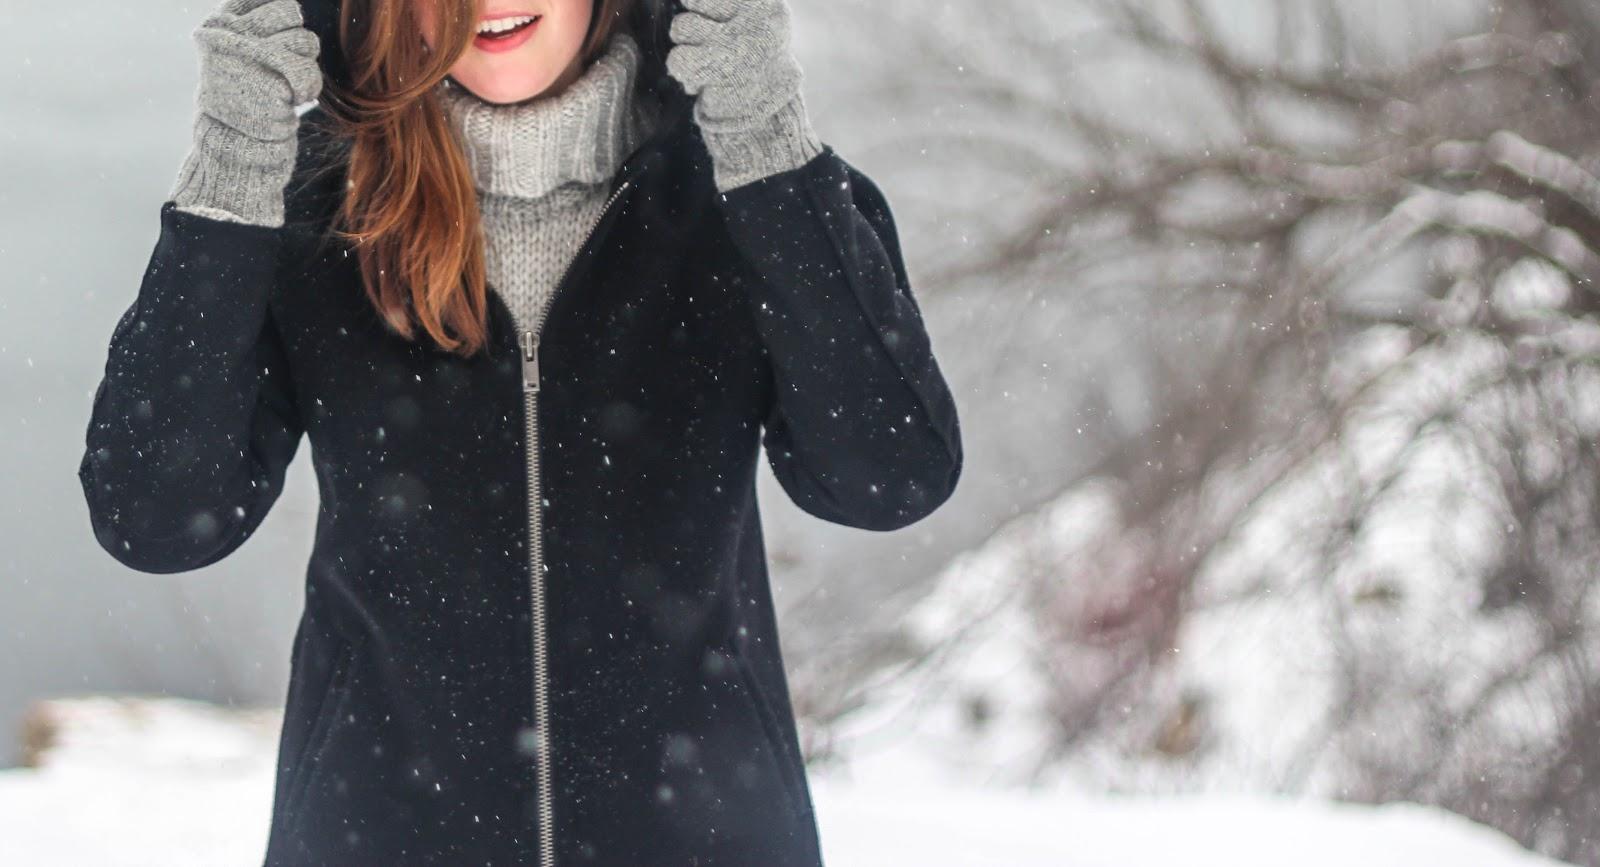 小雪が舞う中で紺色のコート着てフードを被っている女性